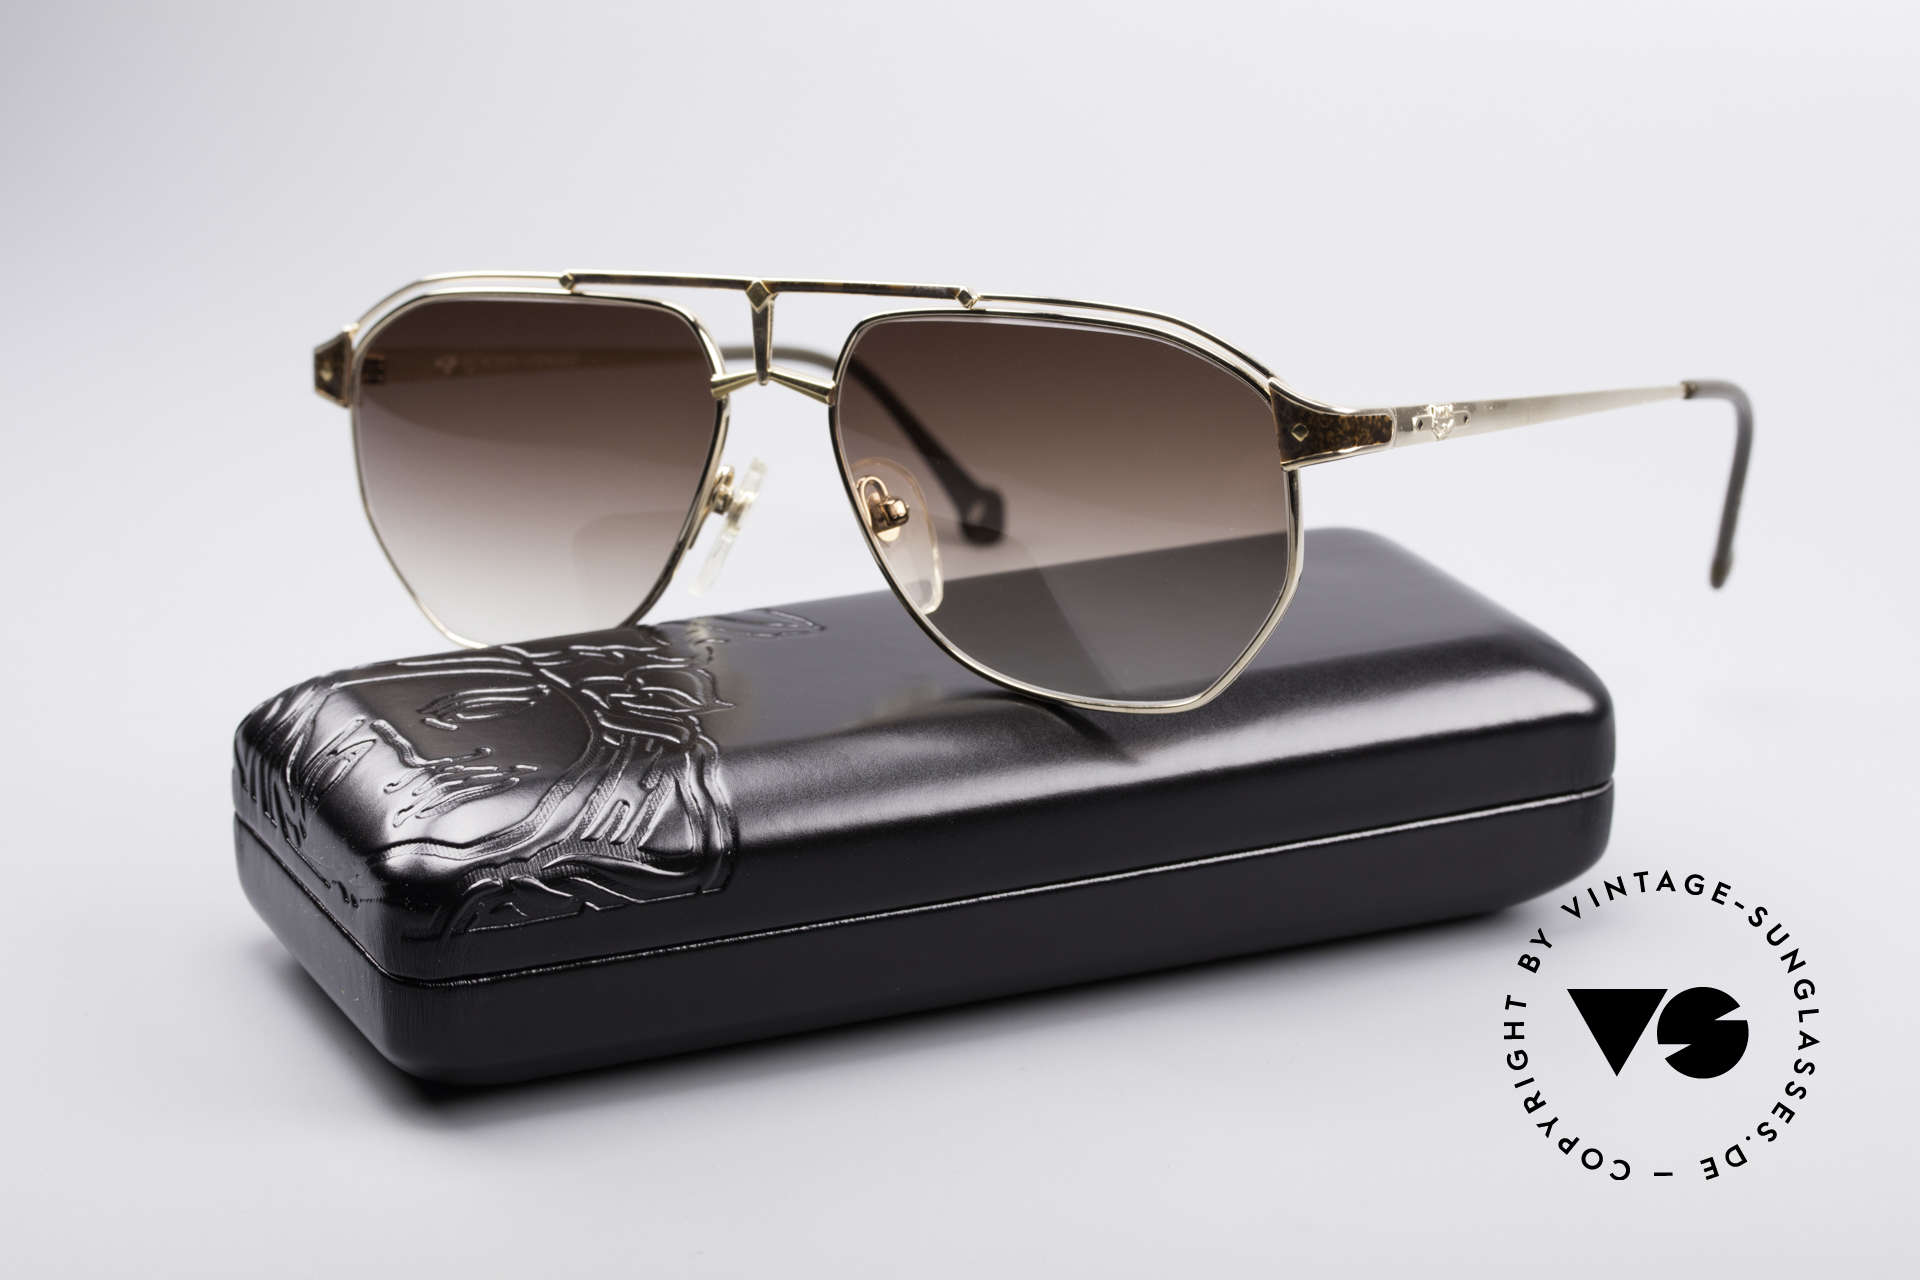 MCM München 6 XL Luxus Sonnenbrille, ungetragen (wie alle unsere alten MCM-Originale), Passend für Herren